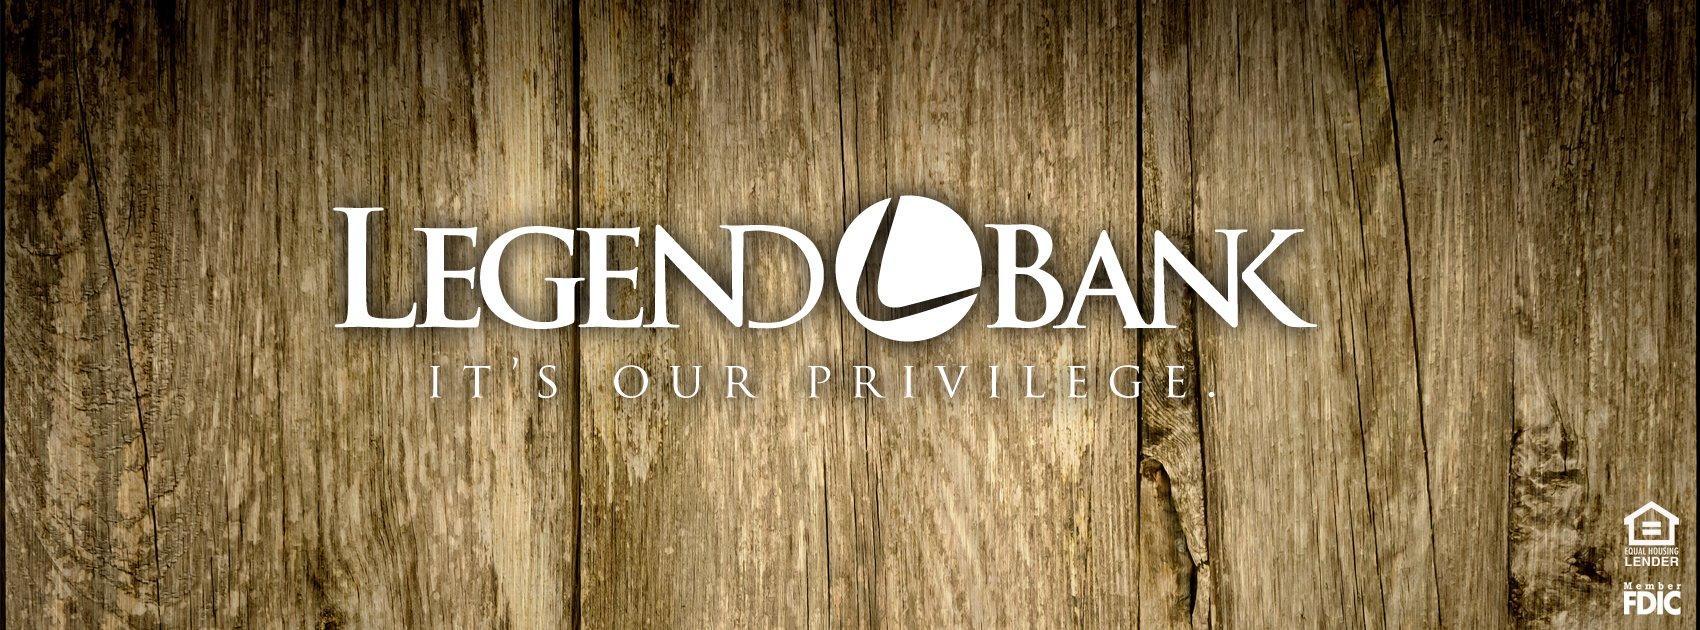 Legend Bank image 2